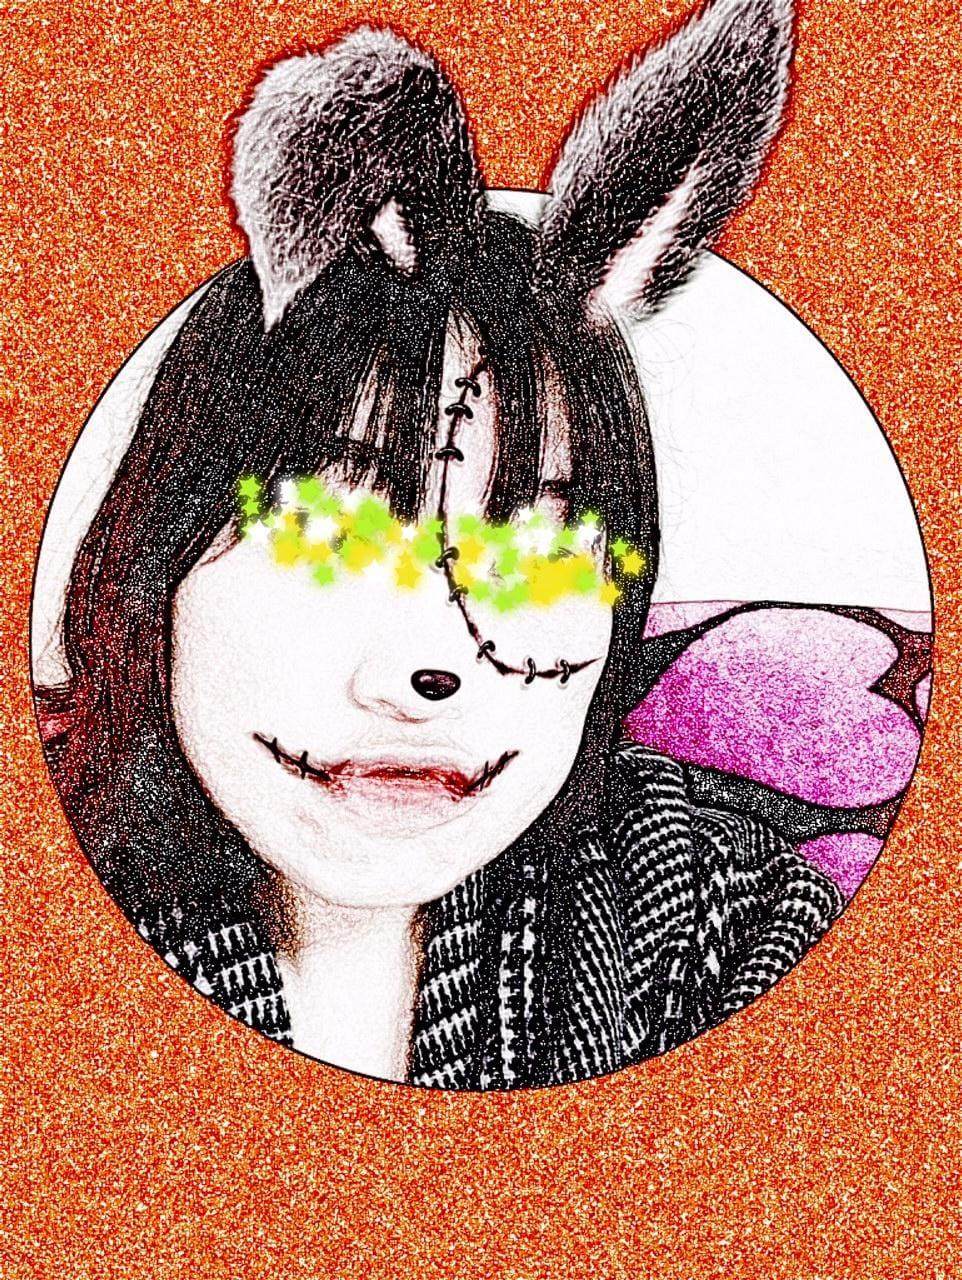 あずさ「ハッピーハロウィン!」10/29(月) 21:45   あずさの写メ・風俗動画